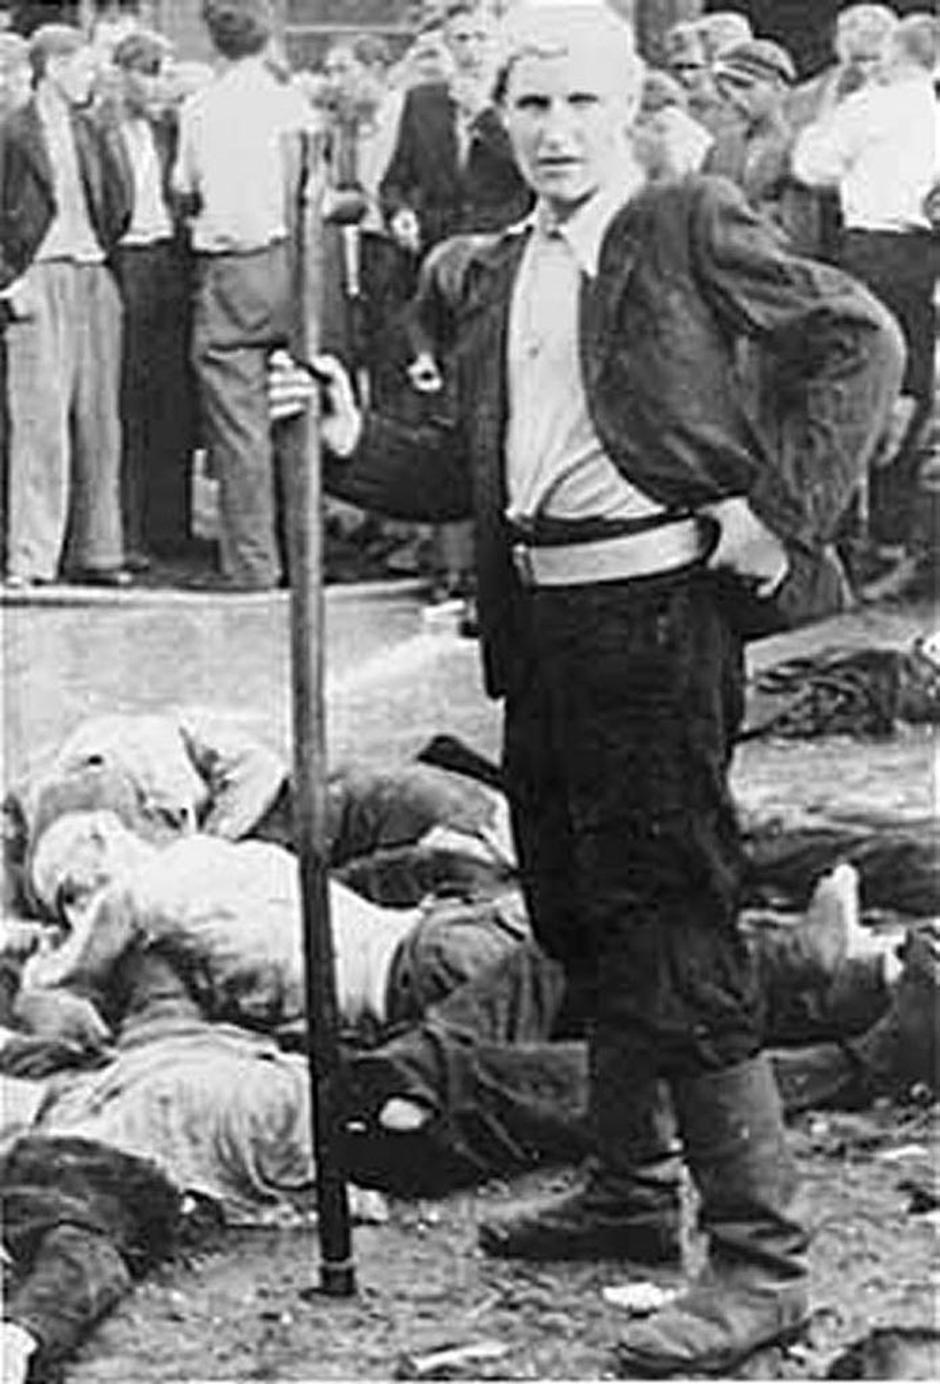 Литовец, названный «Торговцем смертью» из-за активного участия в резне 68 евреев в гараже Lietukis Каунас. 25-27 июня 1941